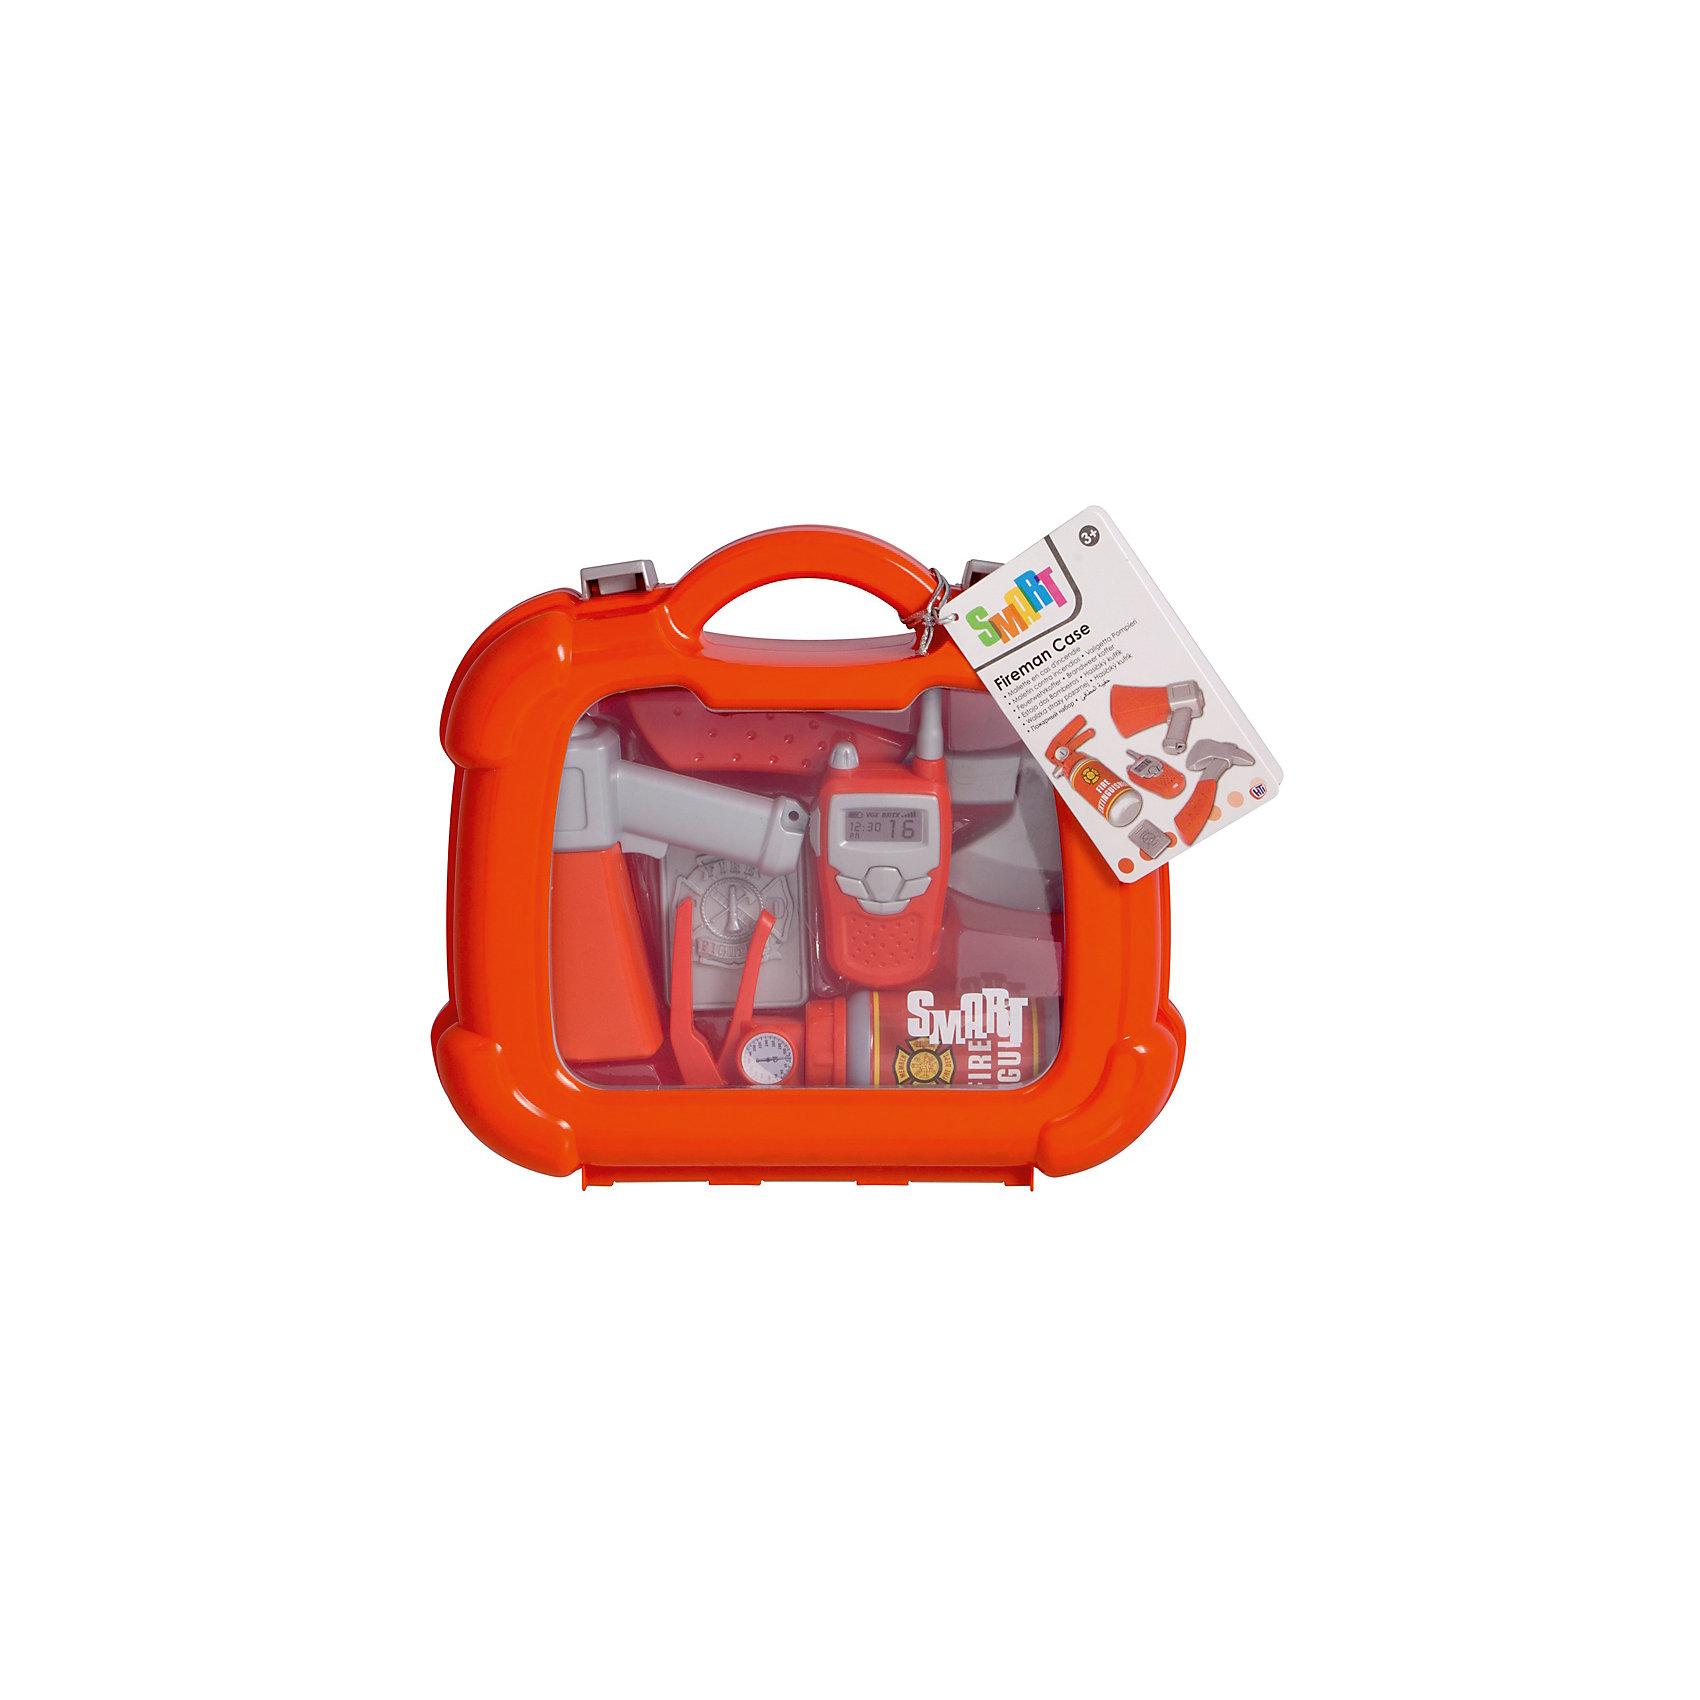 Набор пожарного в кейсе, HTIМастерская и инструменты<br>Набор пожарного в кейсе, HTI.<br><br>Характеристика: <br><br>• Материал: пластик. <br>• Размер упаковки: 28x24,4x8,5 см. <br>• Комплектация: фонарик, топорик, рупор, огнетушитель, жетон и рация. <br>• Удобные застежки. <br>• Ручка для переноски. <br>• Реалистичная детализация. <br><br>В этом наборе есть все, чтобы почувствовать себя настоящим пожарным! Все аксессуары прекрасно детализированы, изготовлены из высококачественного прочного пластика. Отличный вариант для увлекательных сюжетно-ролевых игр. <br><br>Набор пожарного в кейсе, HTI, можно купить в нашем интернет-магазине.<br><br>Ширина мм: 235<br>Глубина мм: 250<br>Высота мм: 80<br>Вес г: 500<br>Возраст от месяцев: 36<br>Возраст до месяцев: 168<br>Пол: Мужской<br>Возраст: Детский<br>SKU: 5366549